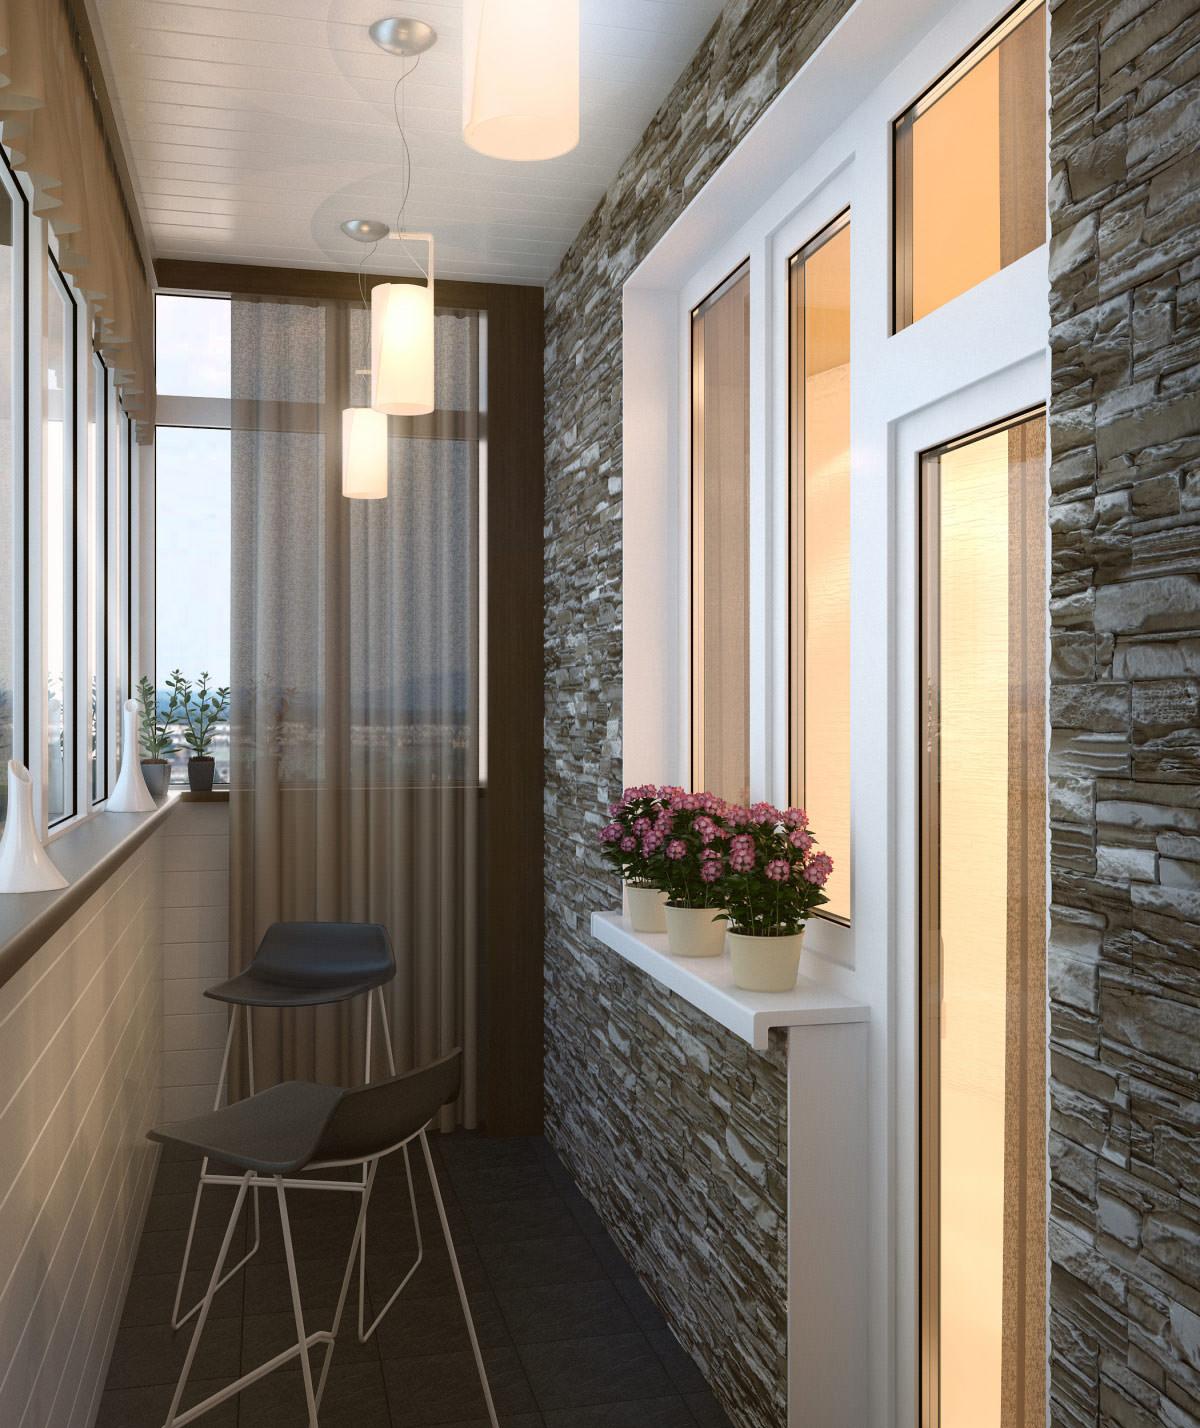 Дизайн кухни прямоугольной формы с выходом на балкон или лод.